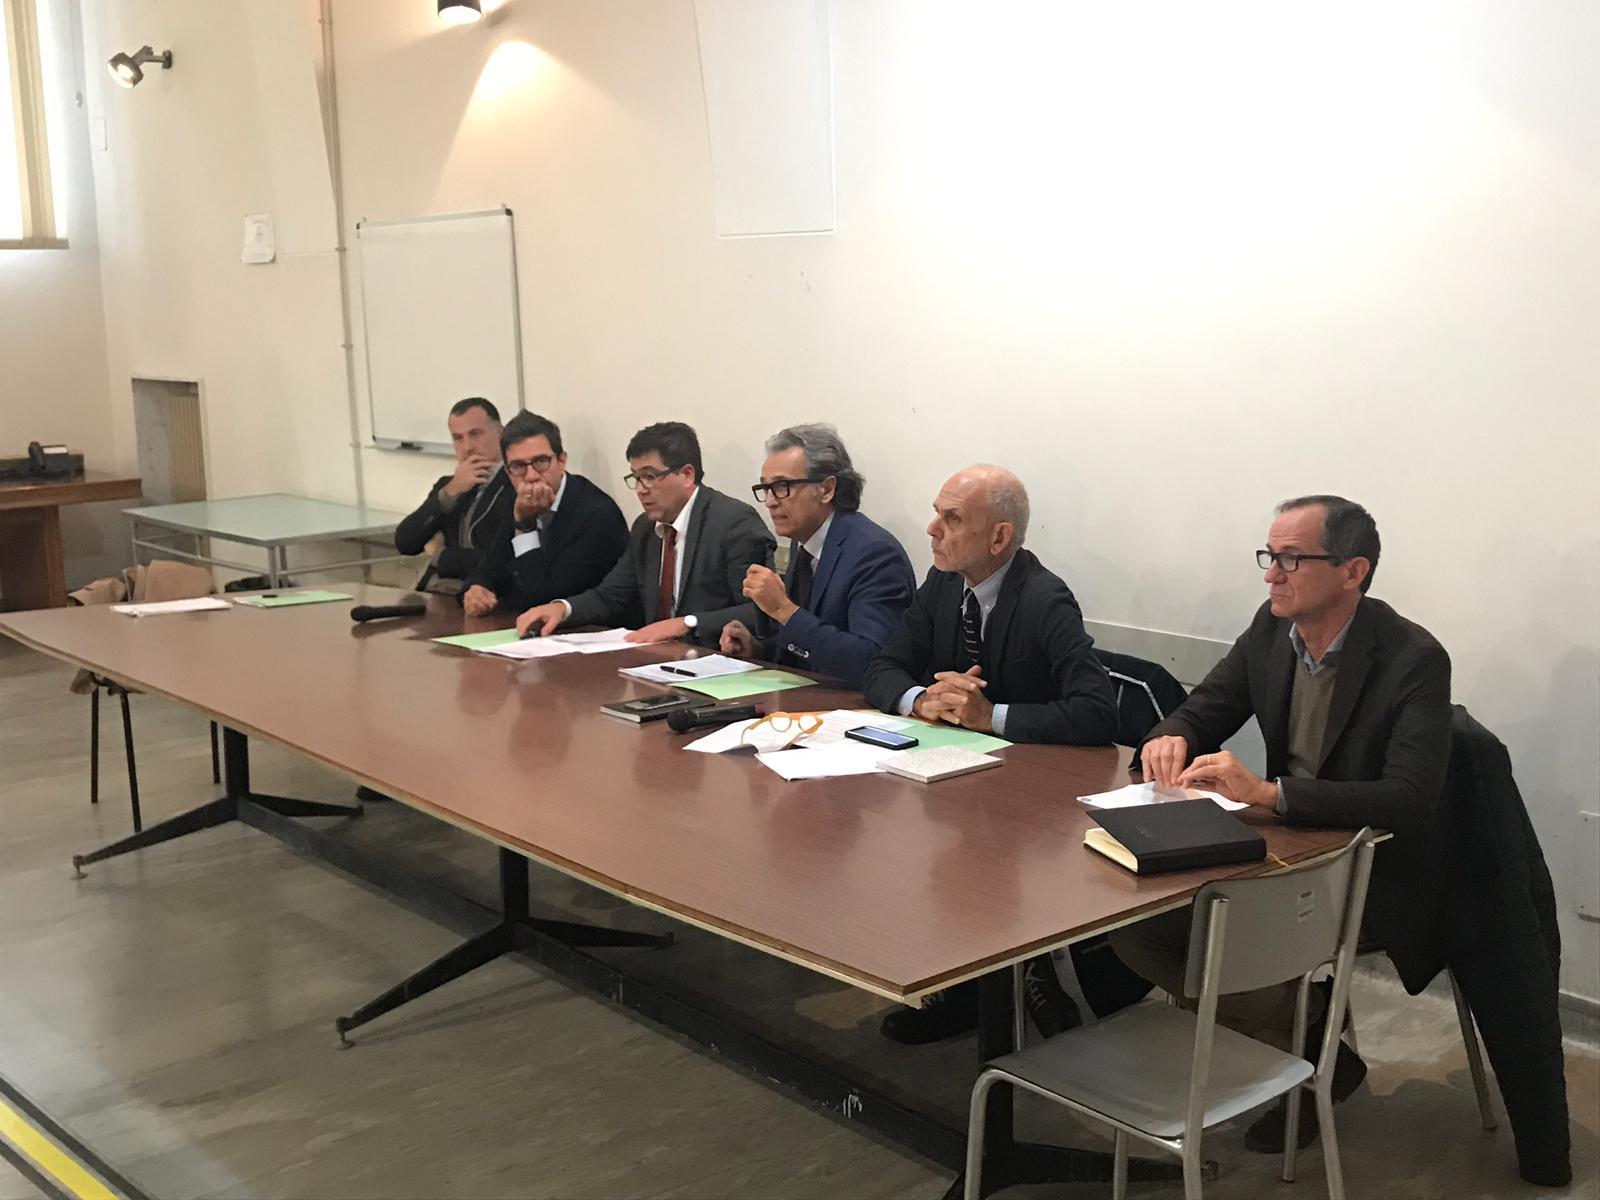 D'Amato e Mostarda incontrano i Sindaci del Distretto H1. Stanziati 5 milioni per adeguamento strutturale e nuove tecnologie